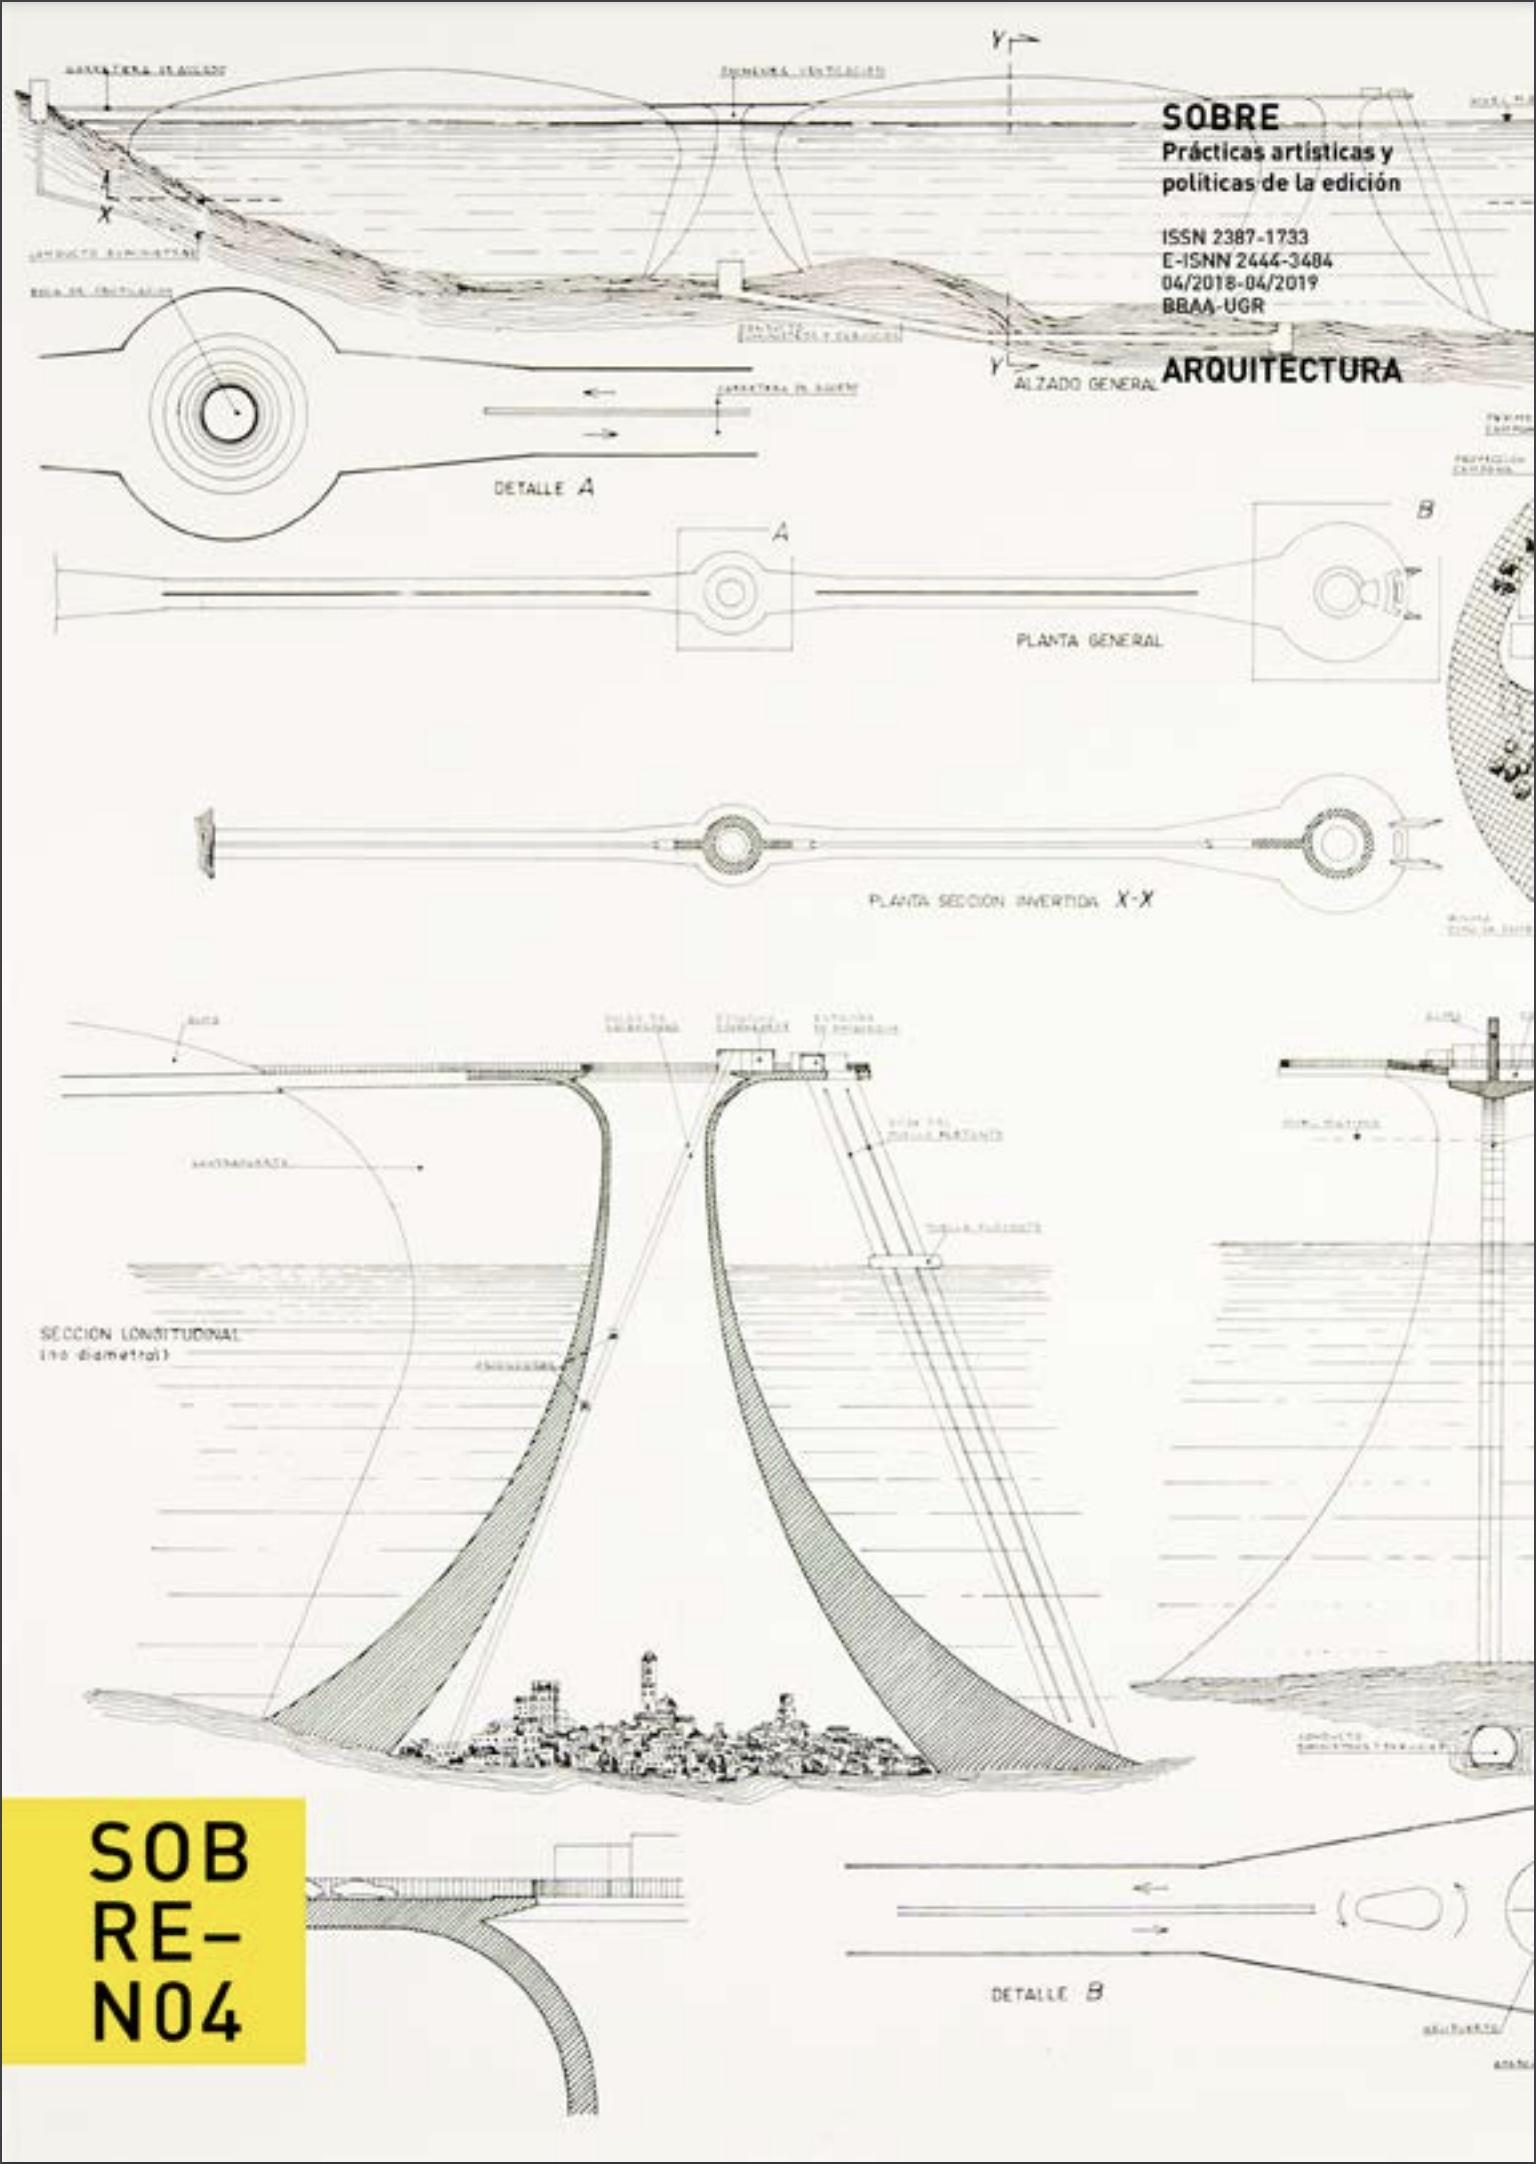 La XV Bienal Española de Arquitectura y Urbanismo selecciona a la revista SOBRE como una de las tres finalistas en su categoría